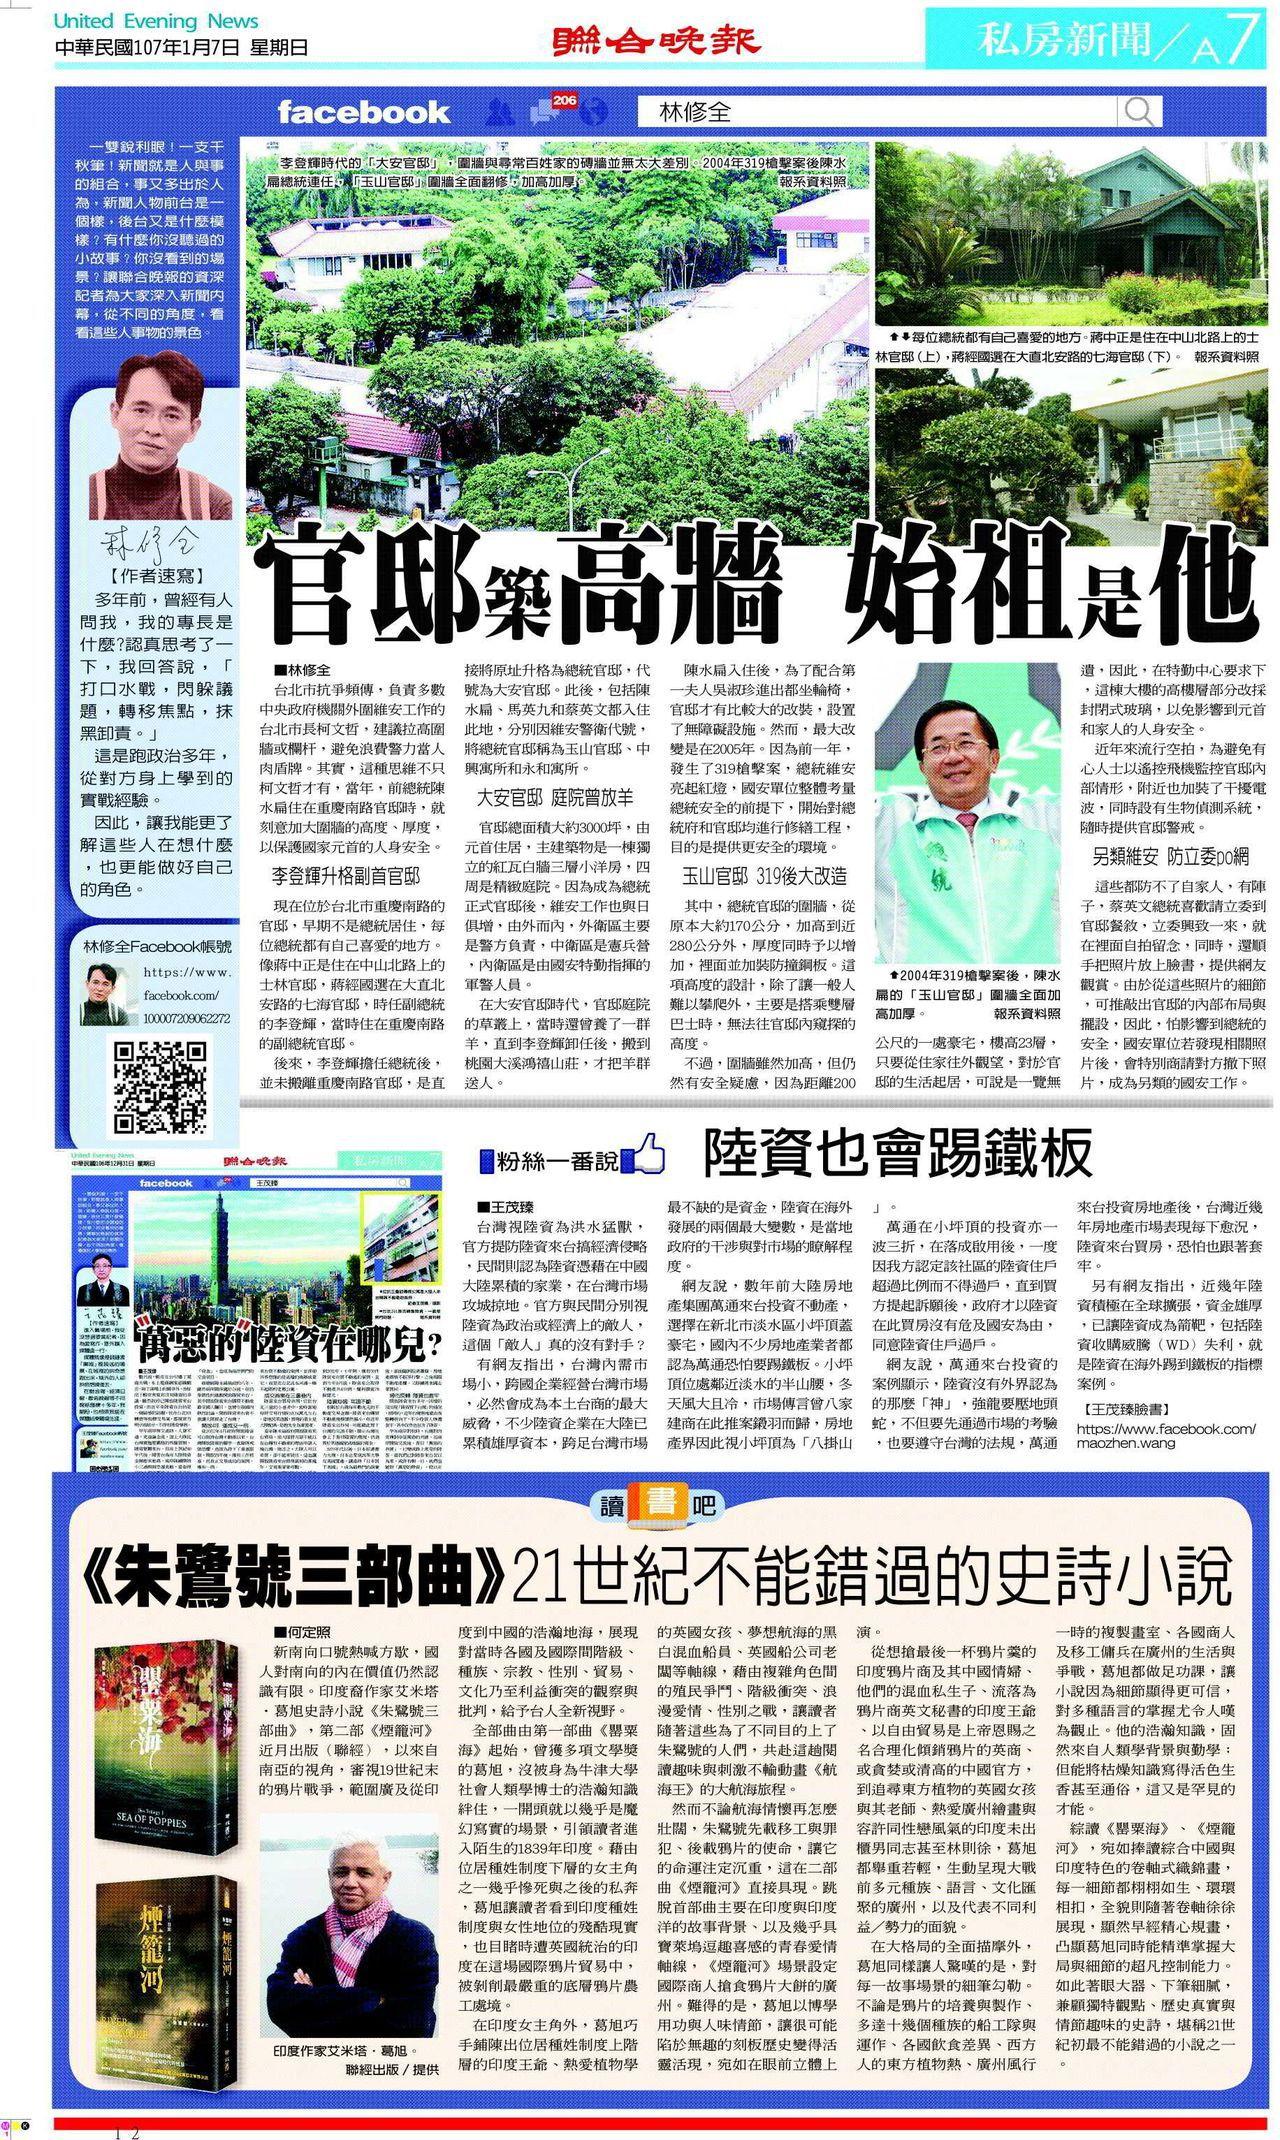 上周介紹總統官邸圍牆加高的新聞,其實,近年來最先拉高圍牆是時任副總統呂秀蓮的官邸...